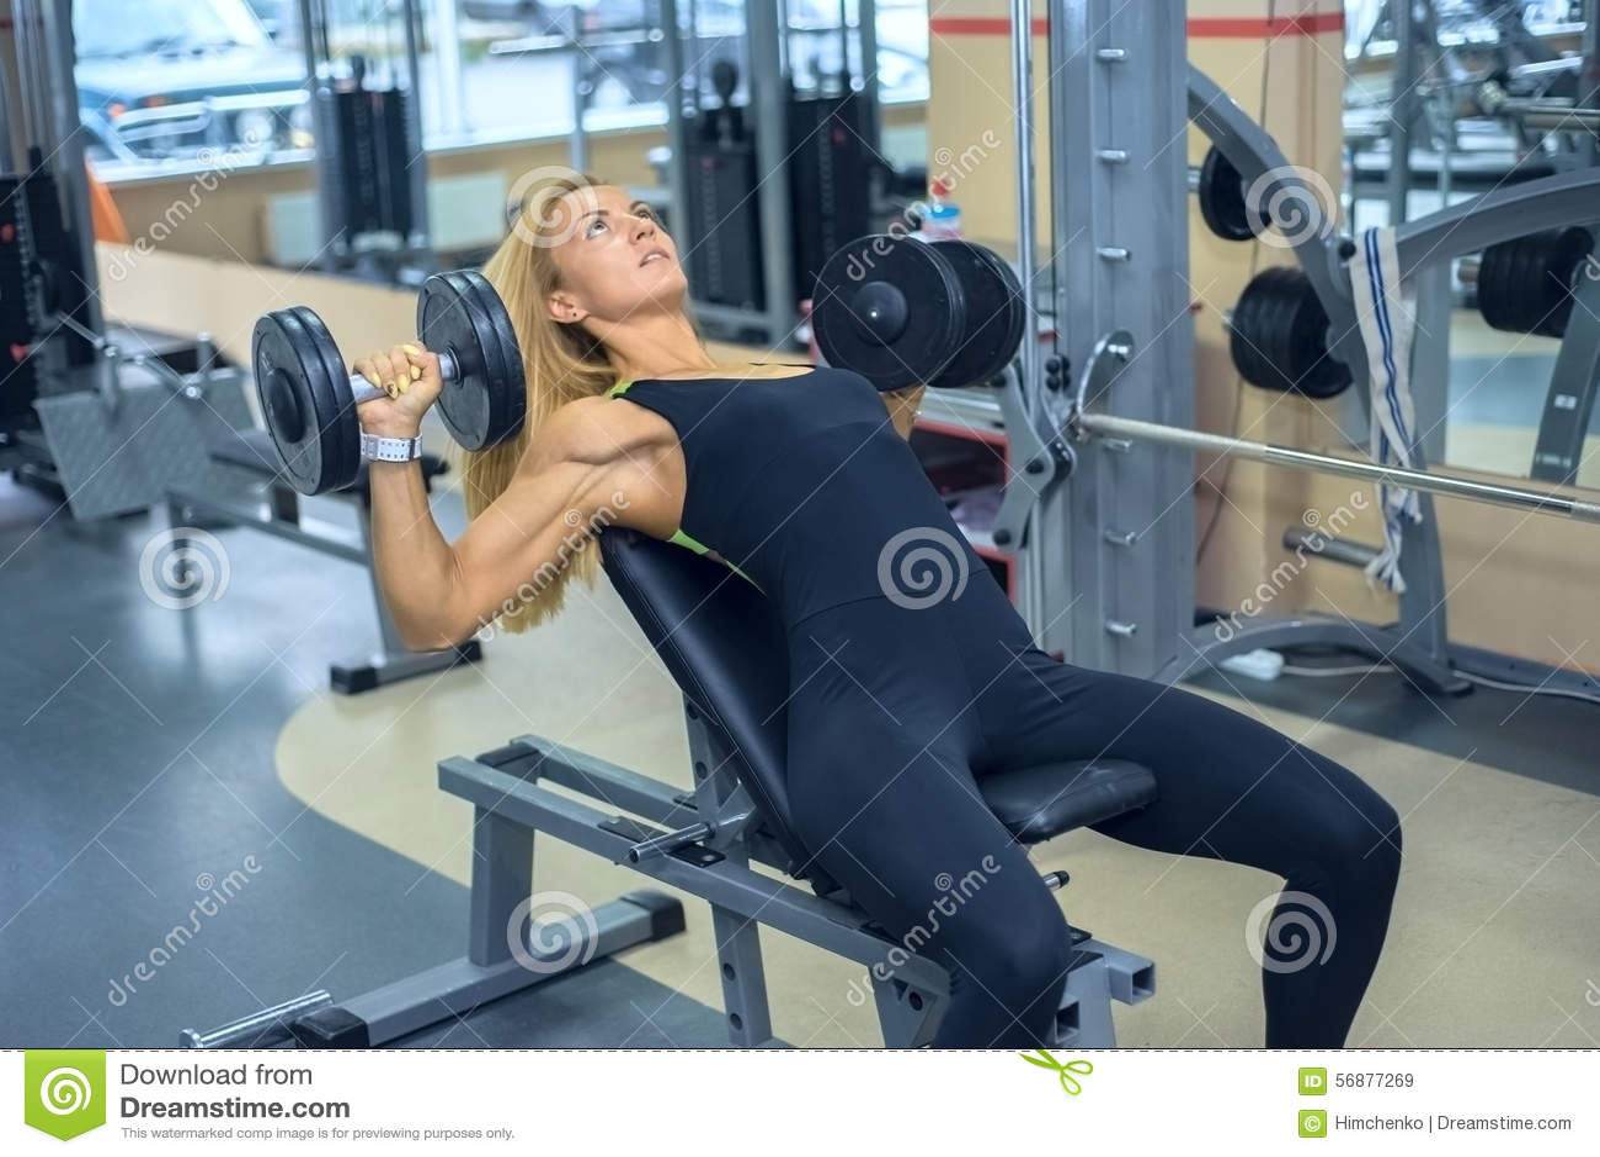 La donna scuote i suoi muscoli pettorali in palestra